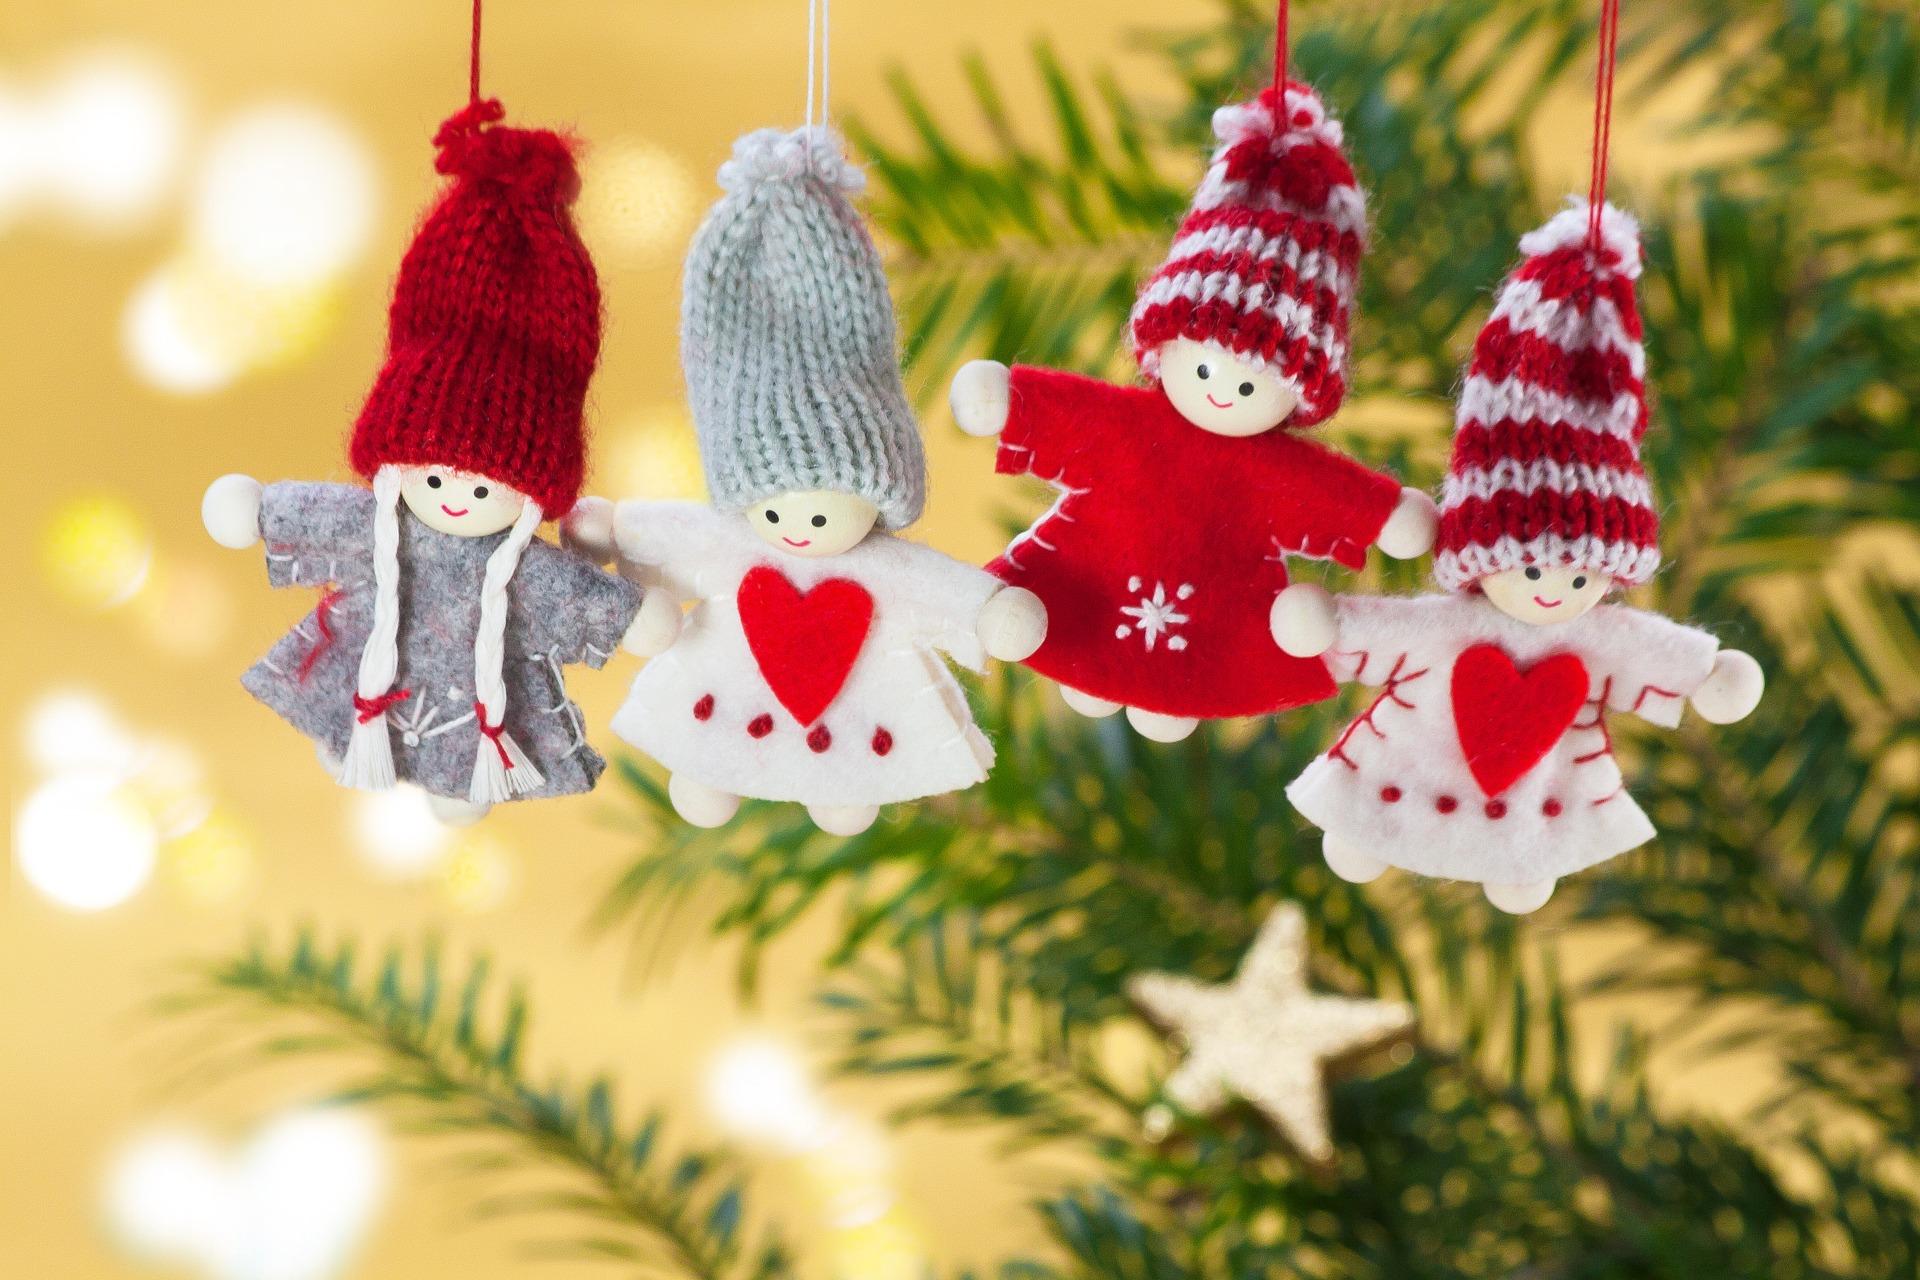 Sretan Božić i Novu godinu žele Vam djelatnici Programske kuće!